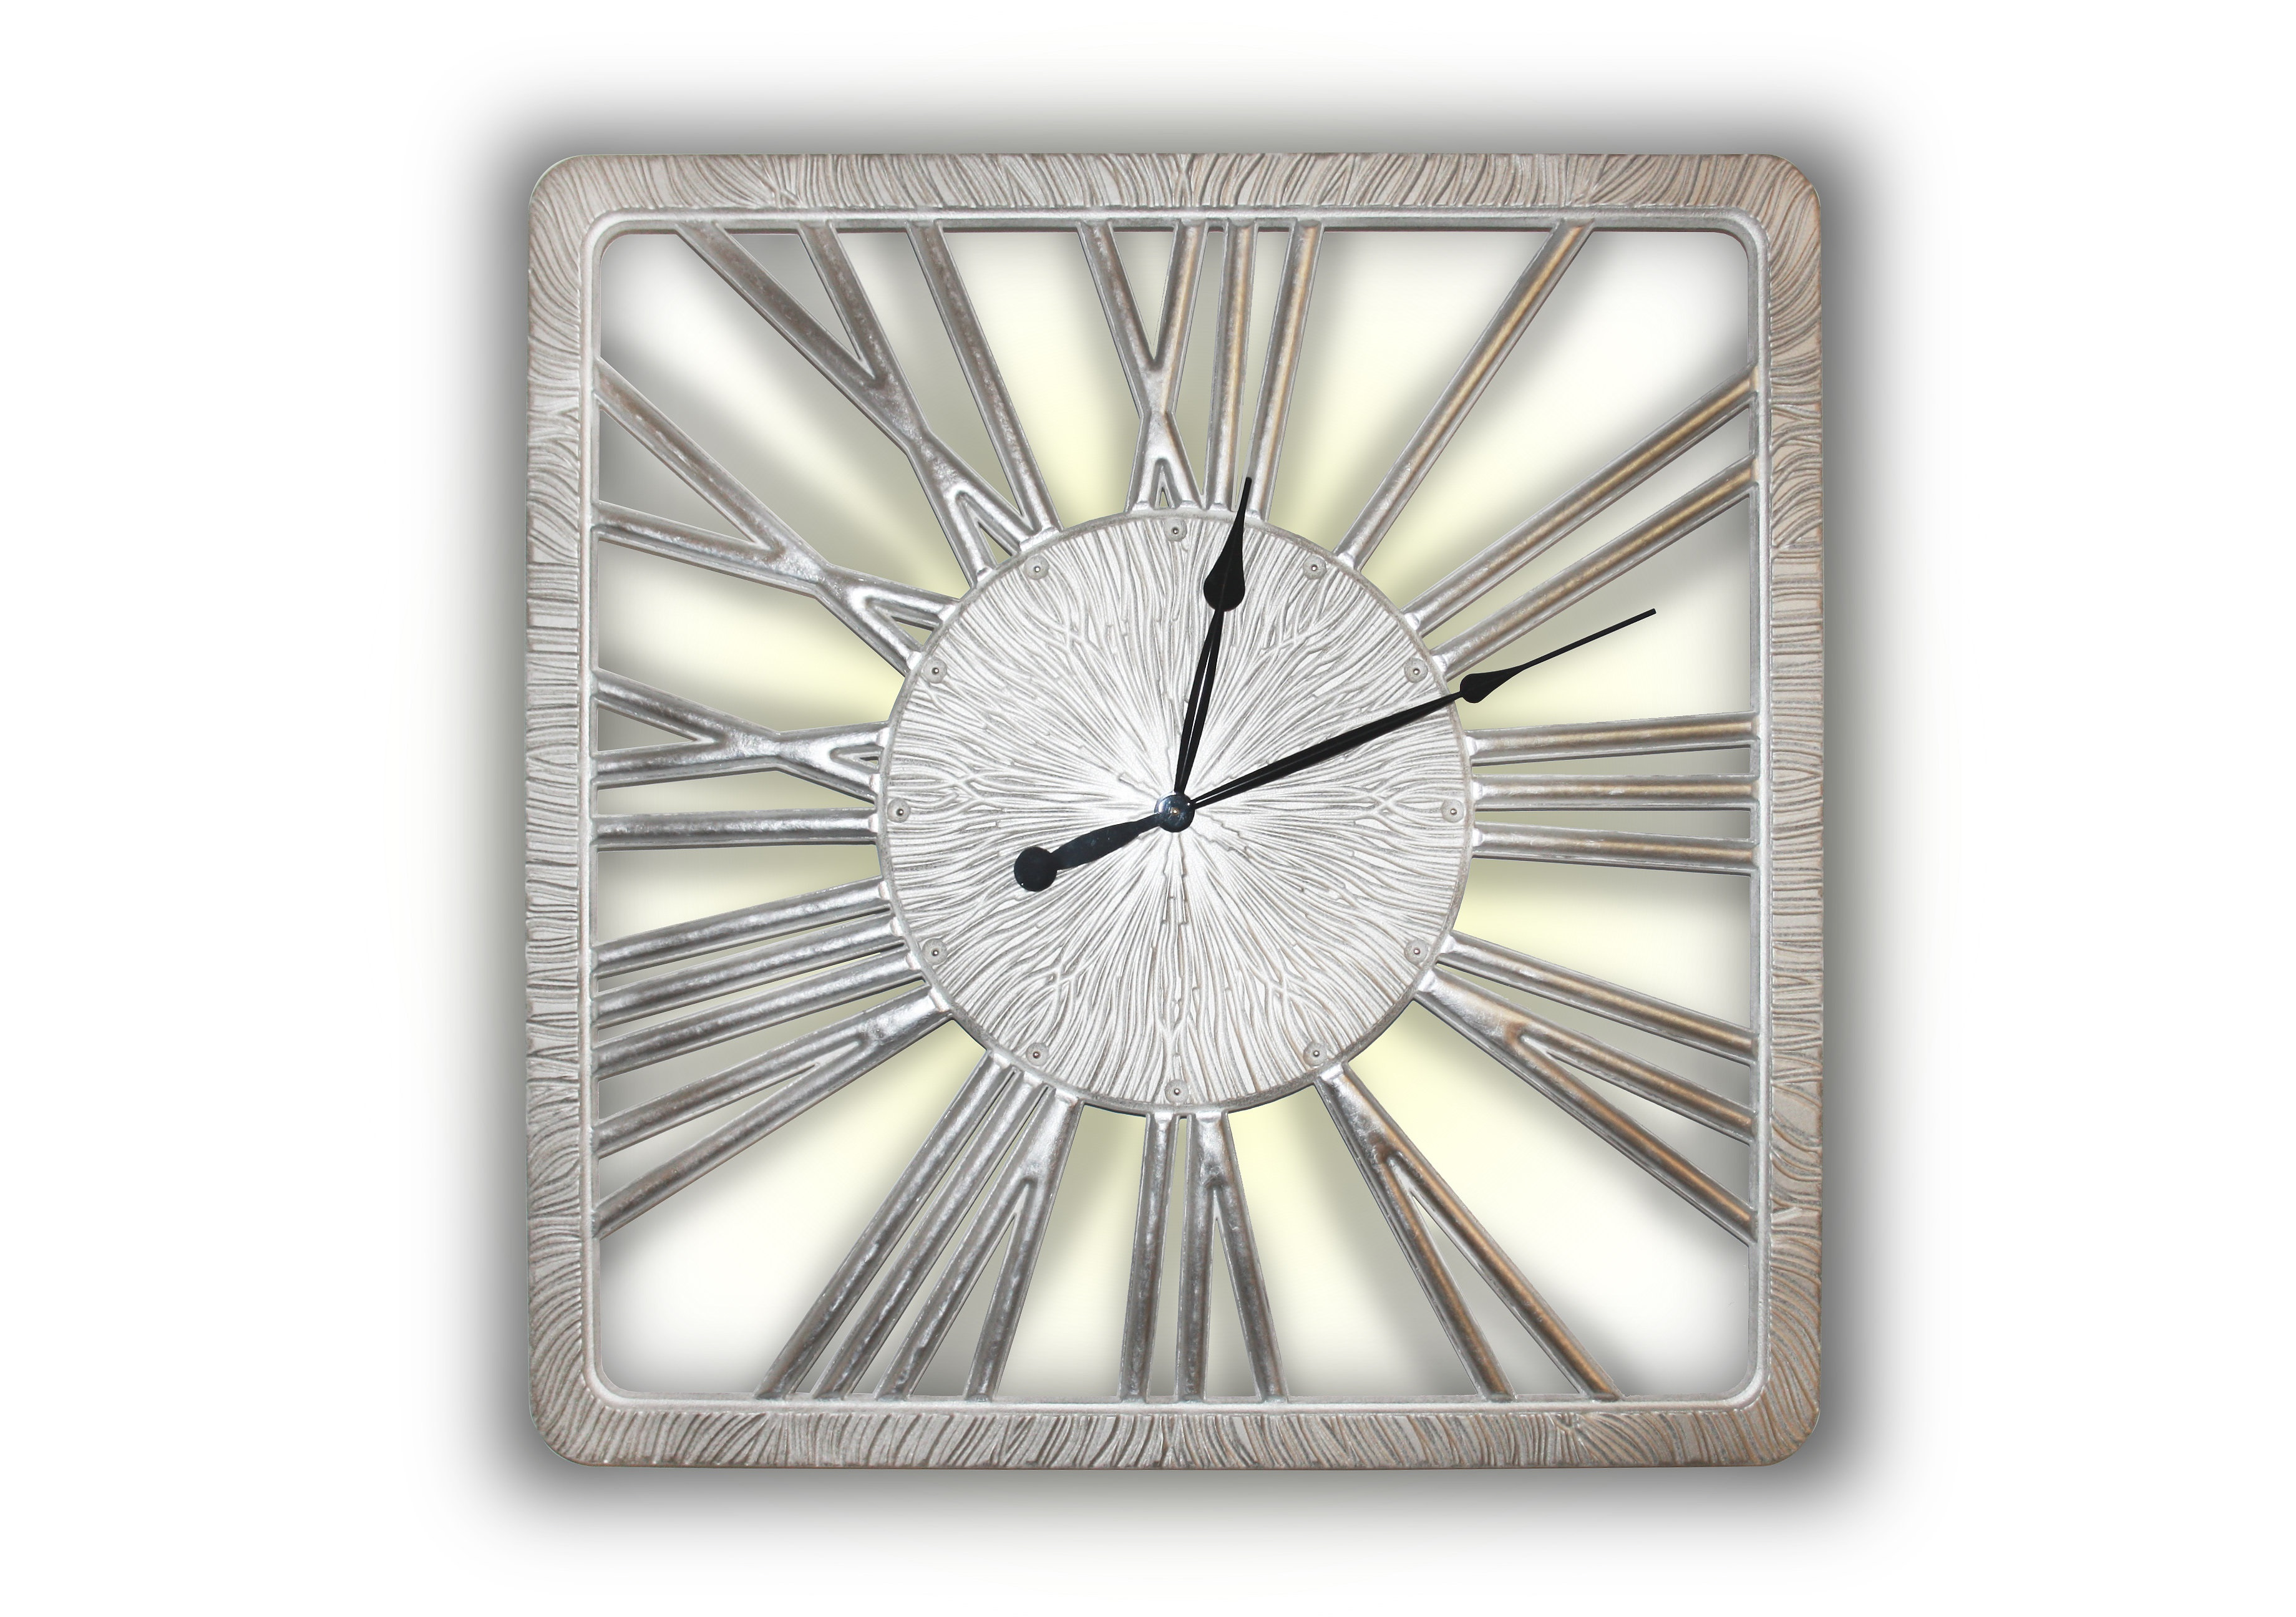 Часы TWINKLE NEWНастенные часы<br>Бег времени непрерывен. Можно ли ощутить, как одна минута переходит в другую? <br>Можно ли предсказать, что открывают нам движущиеся по кругу стрелки часов? <br>Светящиеся прорезные силуэты цифр помогают понять, что лучшее еще впереди. <br>Данный вариант представлен в цвете матовое серебро с покрытыми поталью цифрами.&amp;lt;div&amp;gt;&amp;lt;br&amp;gt;&amp;lt;/div&amp;gt;&amp;lt;div&amp;gt;Механизм: Кварцевый.&amp;lt;br&amp;gt;&amp;lt;/div&amp;gt;&amp;lt;div&amp;gt;&amp;lt;p class=&amp;quot;MsoNormal&amp;quot;&amp;gt;Товарное предложение оснащено светодиодной подсветкой.&amp;lt;o:p&amp;gt;&amp;lt;/o:p&amp;gt;&amp;lt;/p&amp;gt;&amp;lt;/div&amp;gt;<br><br>Material: Дерево<br>Ширина см: 90<br>Высота см: 90